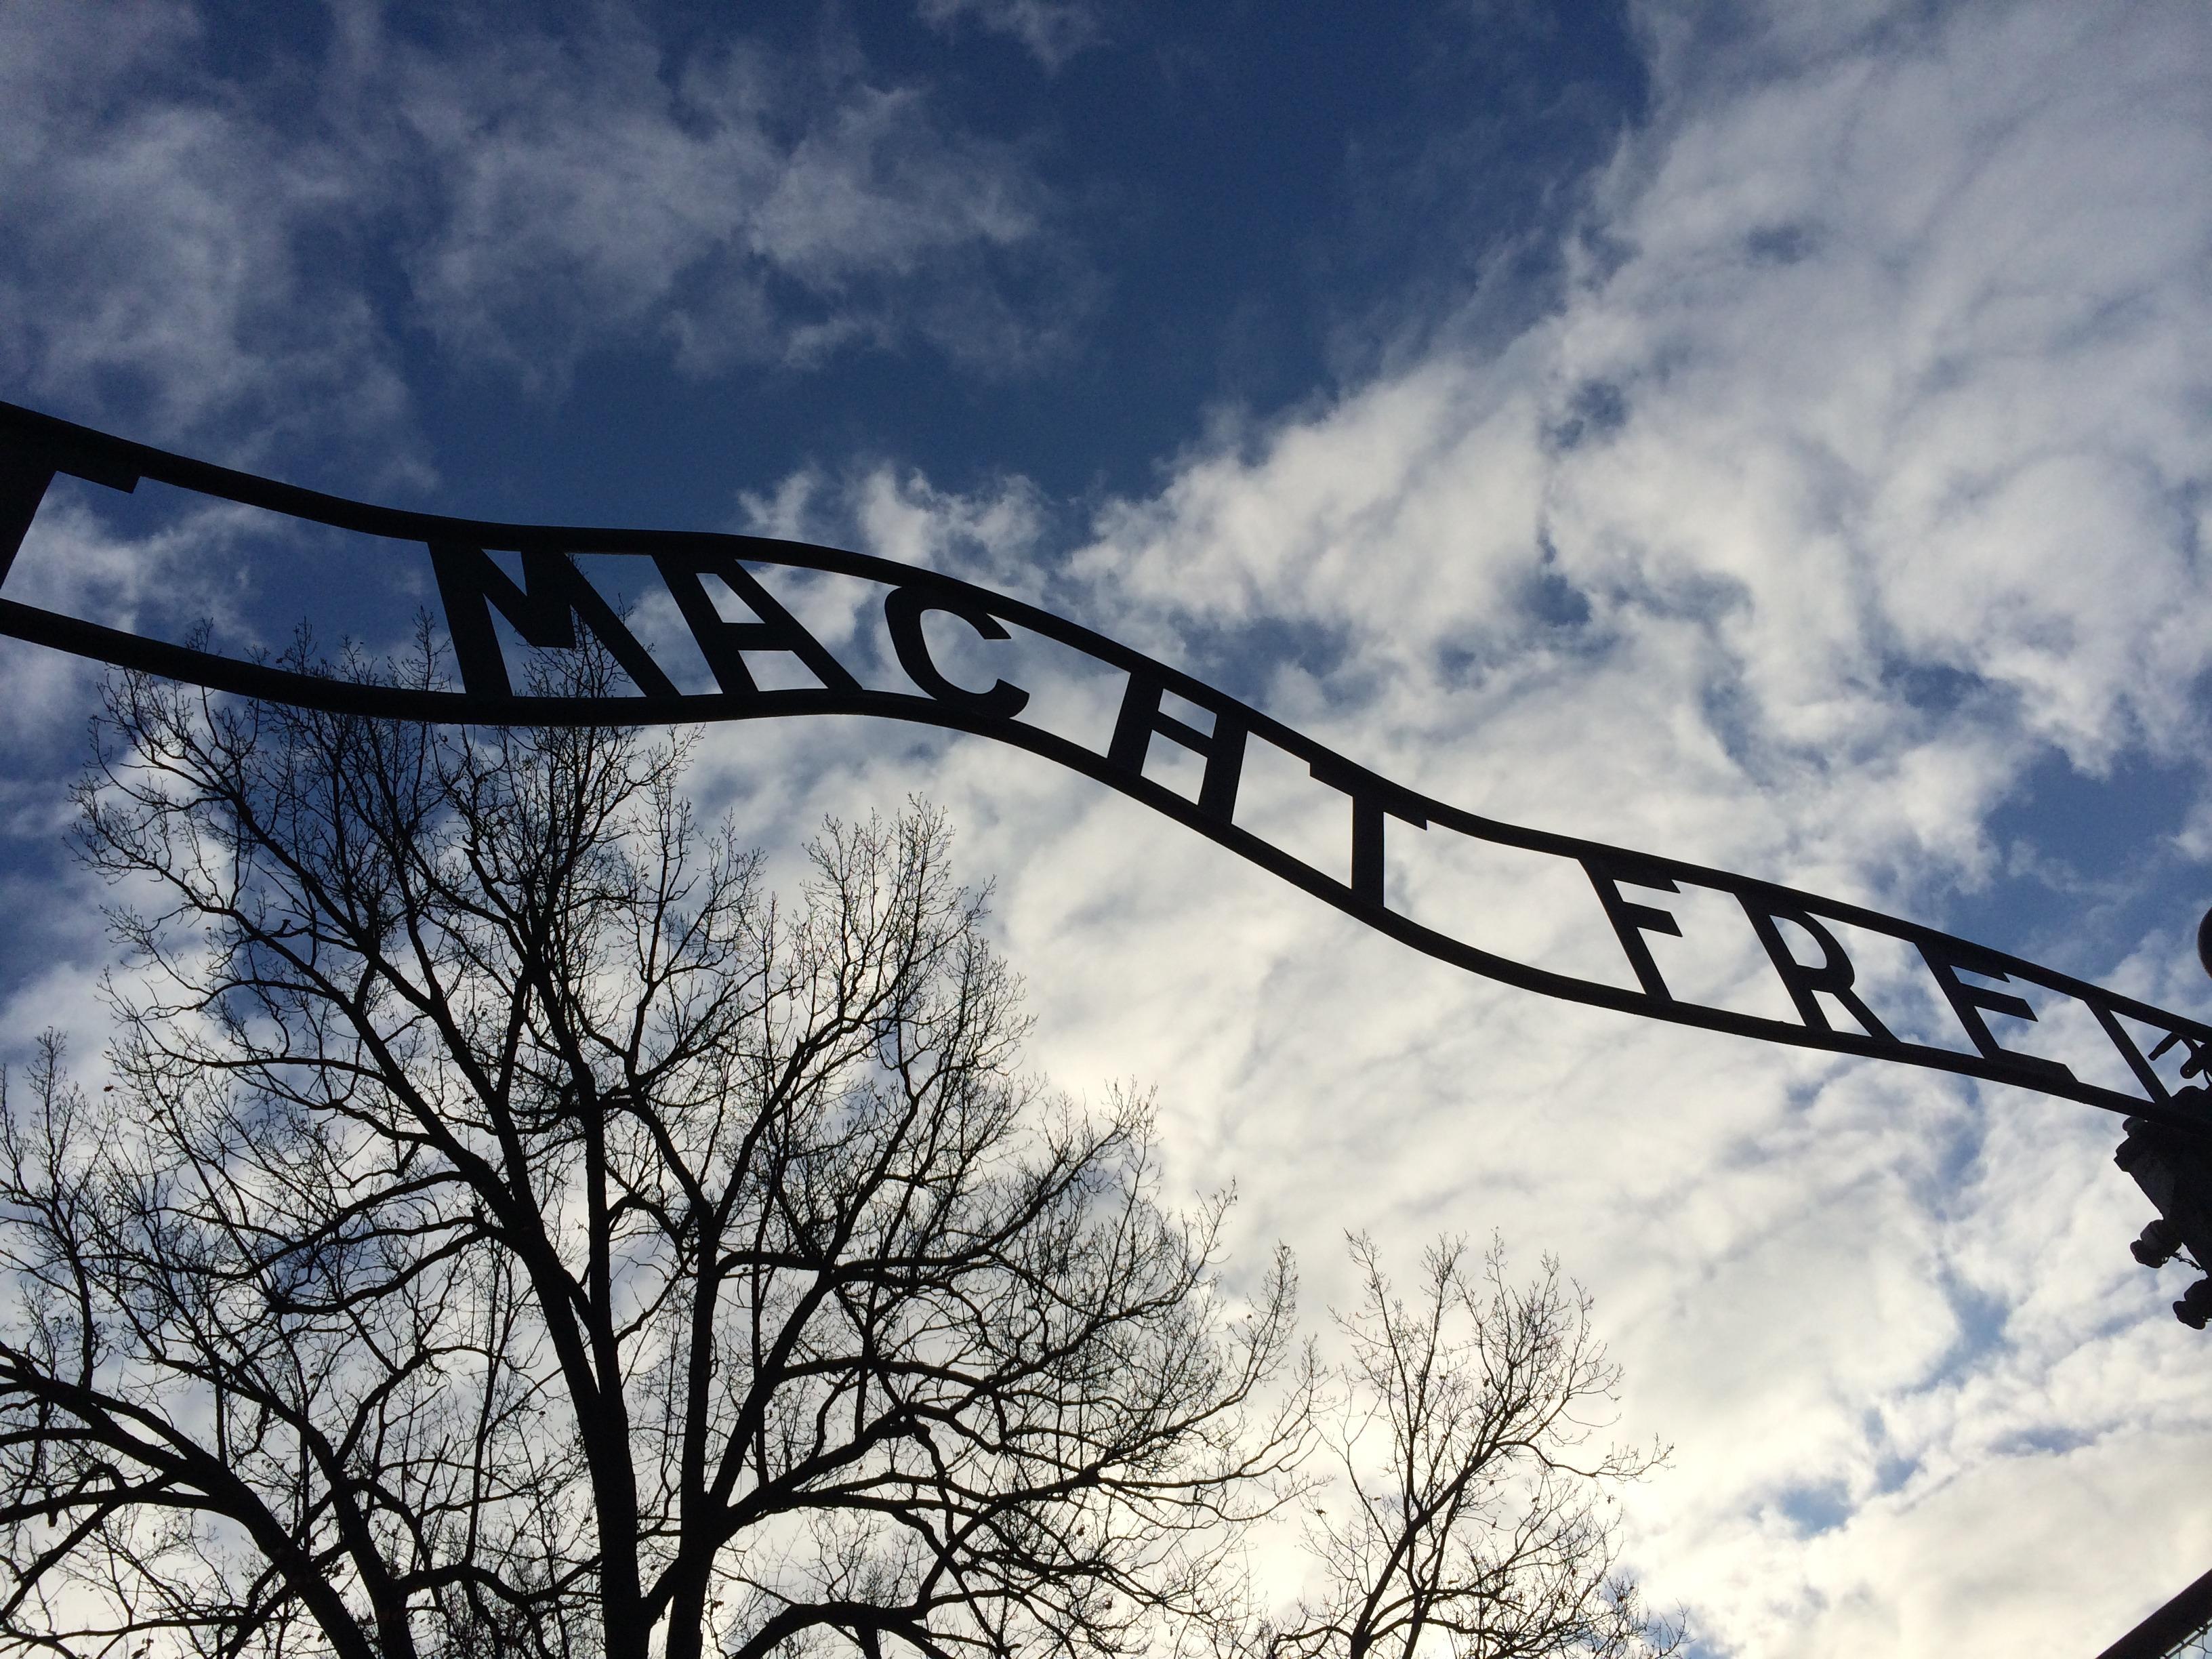 """""""Arbeit macht frei"""" (algo como """"o trabalho liberta"""") - frase presente em todos os campos de concentração nazistas. (Foto: Nathalia Tavolieri)"""